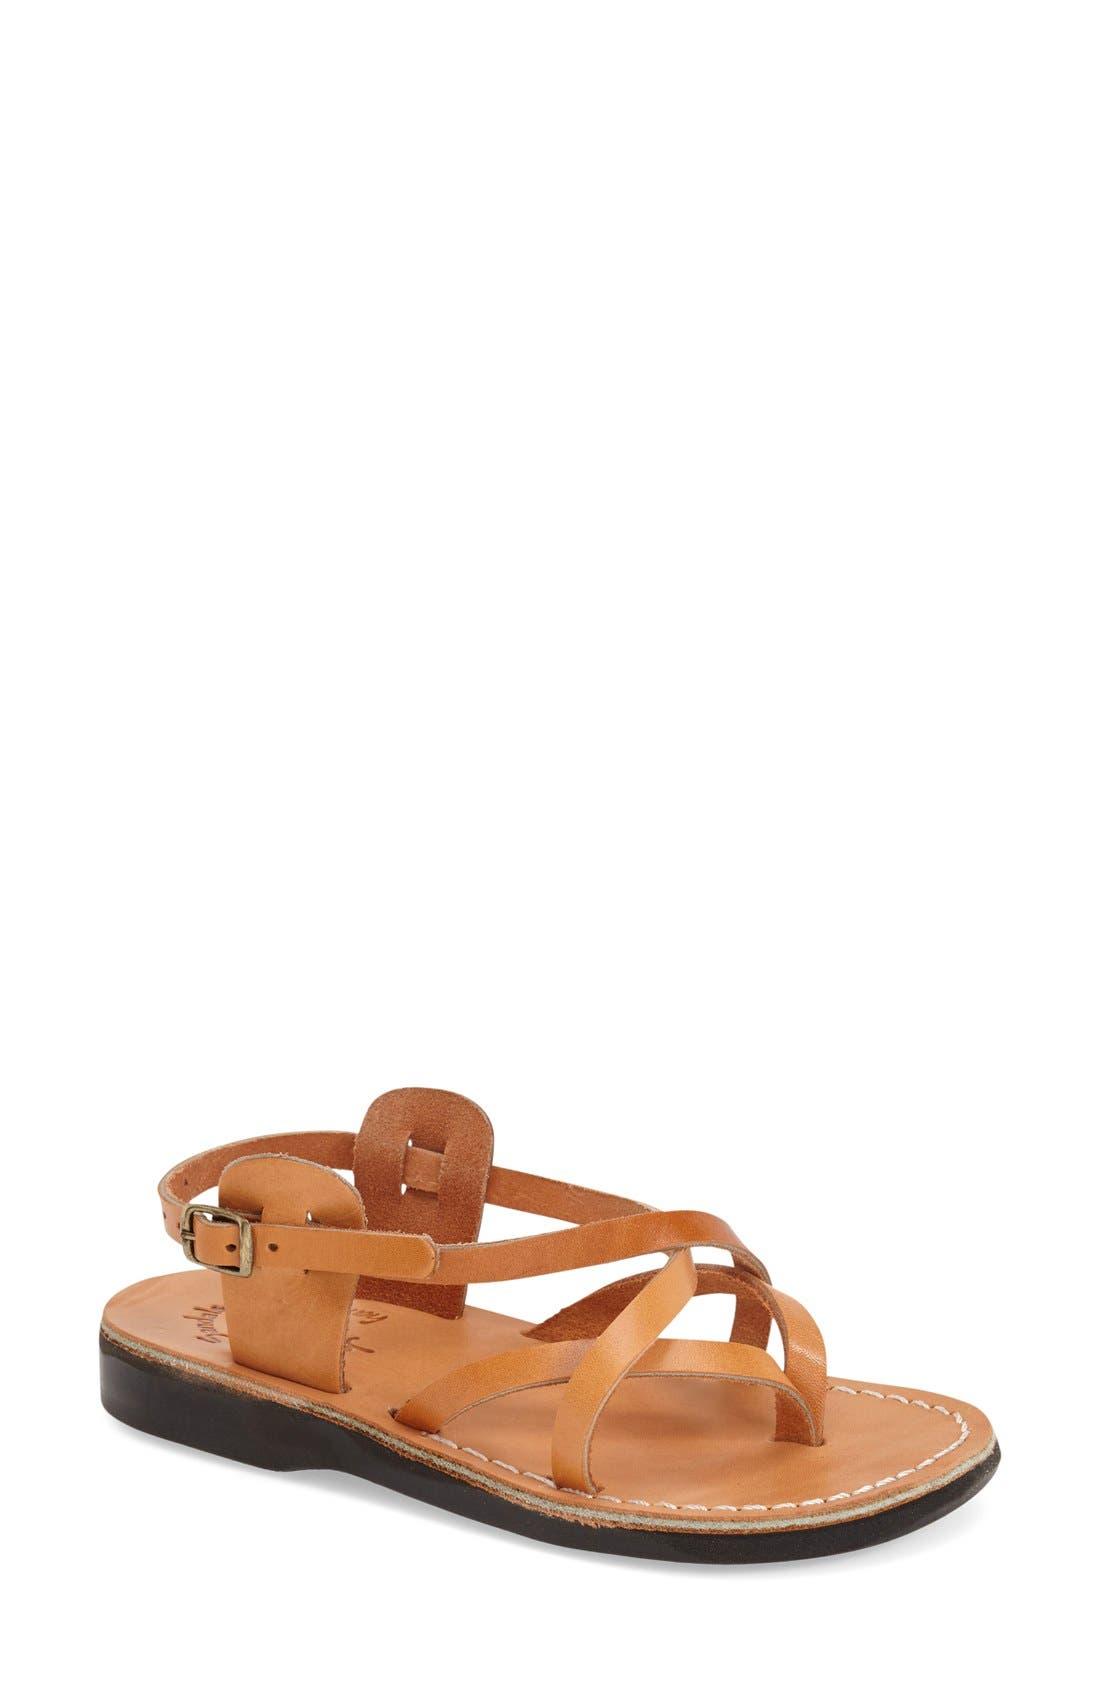 Alternate Image 1 Selected - Jerusalem Sandals 'Tamar' Strappy Sandal (Women)